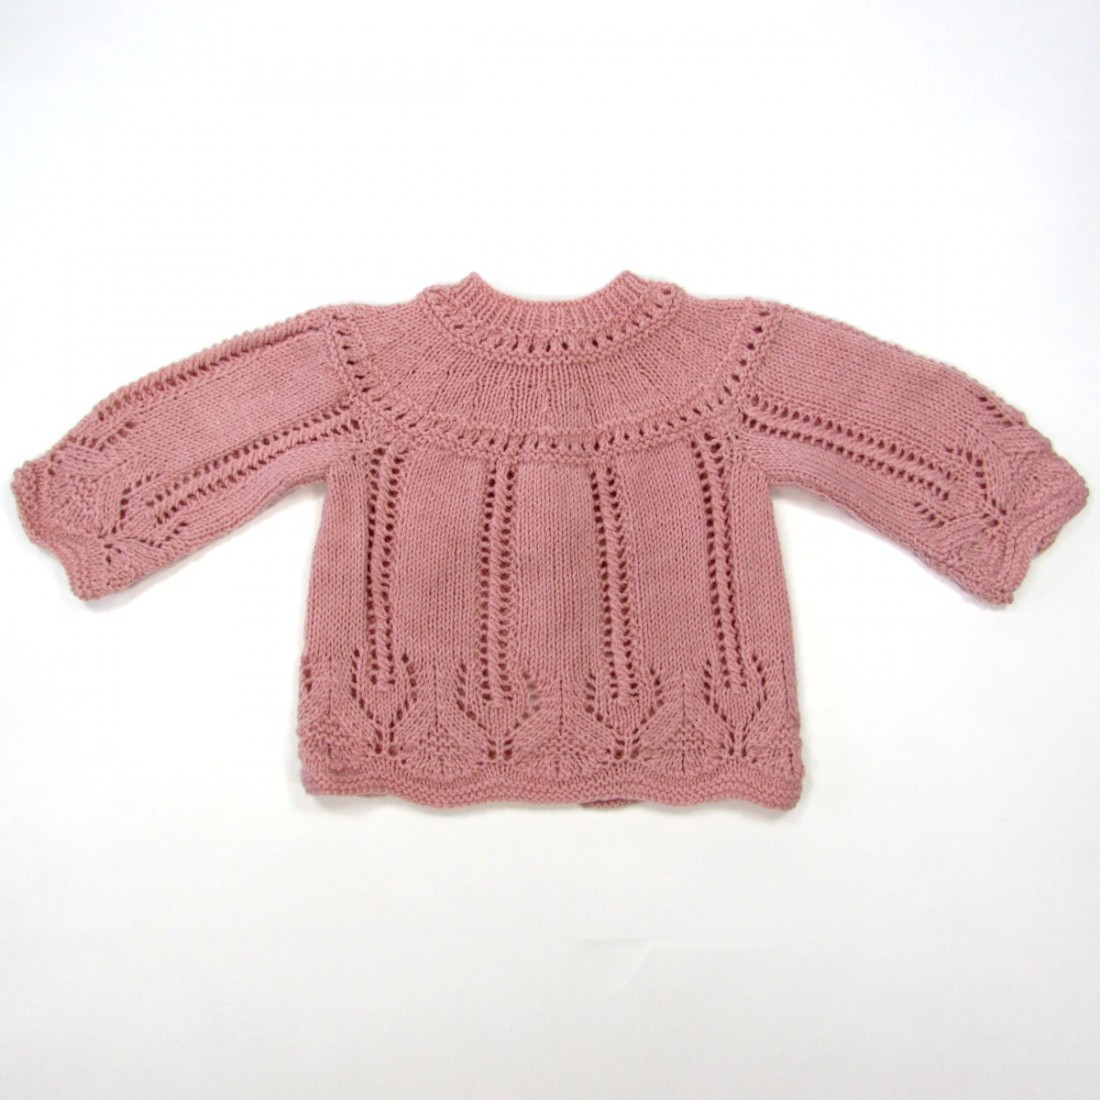 789a8c603bf52 Trousseau bébé fille layette vintage en dentelle tricot rose ancien